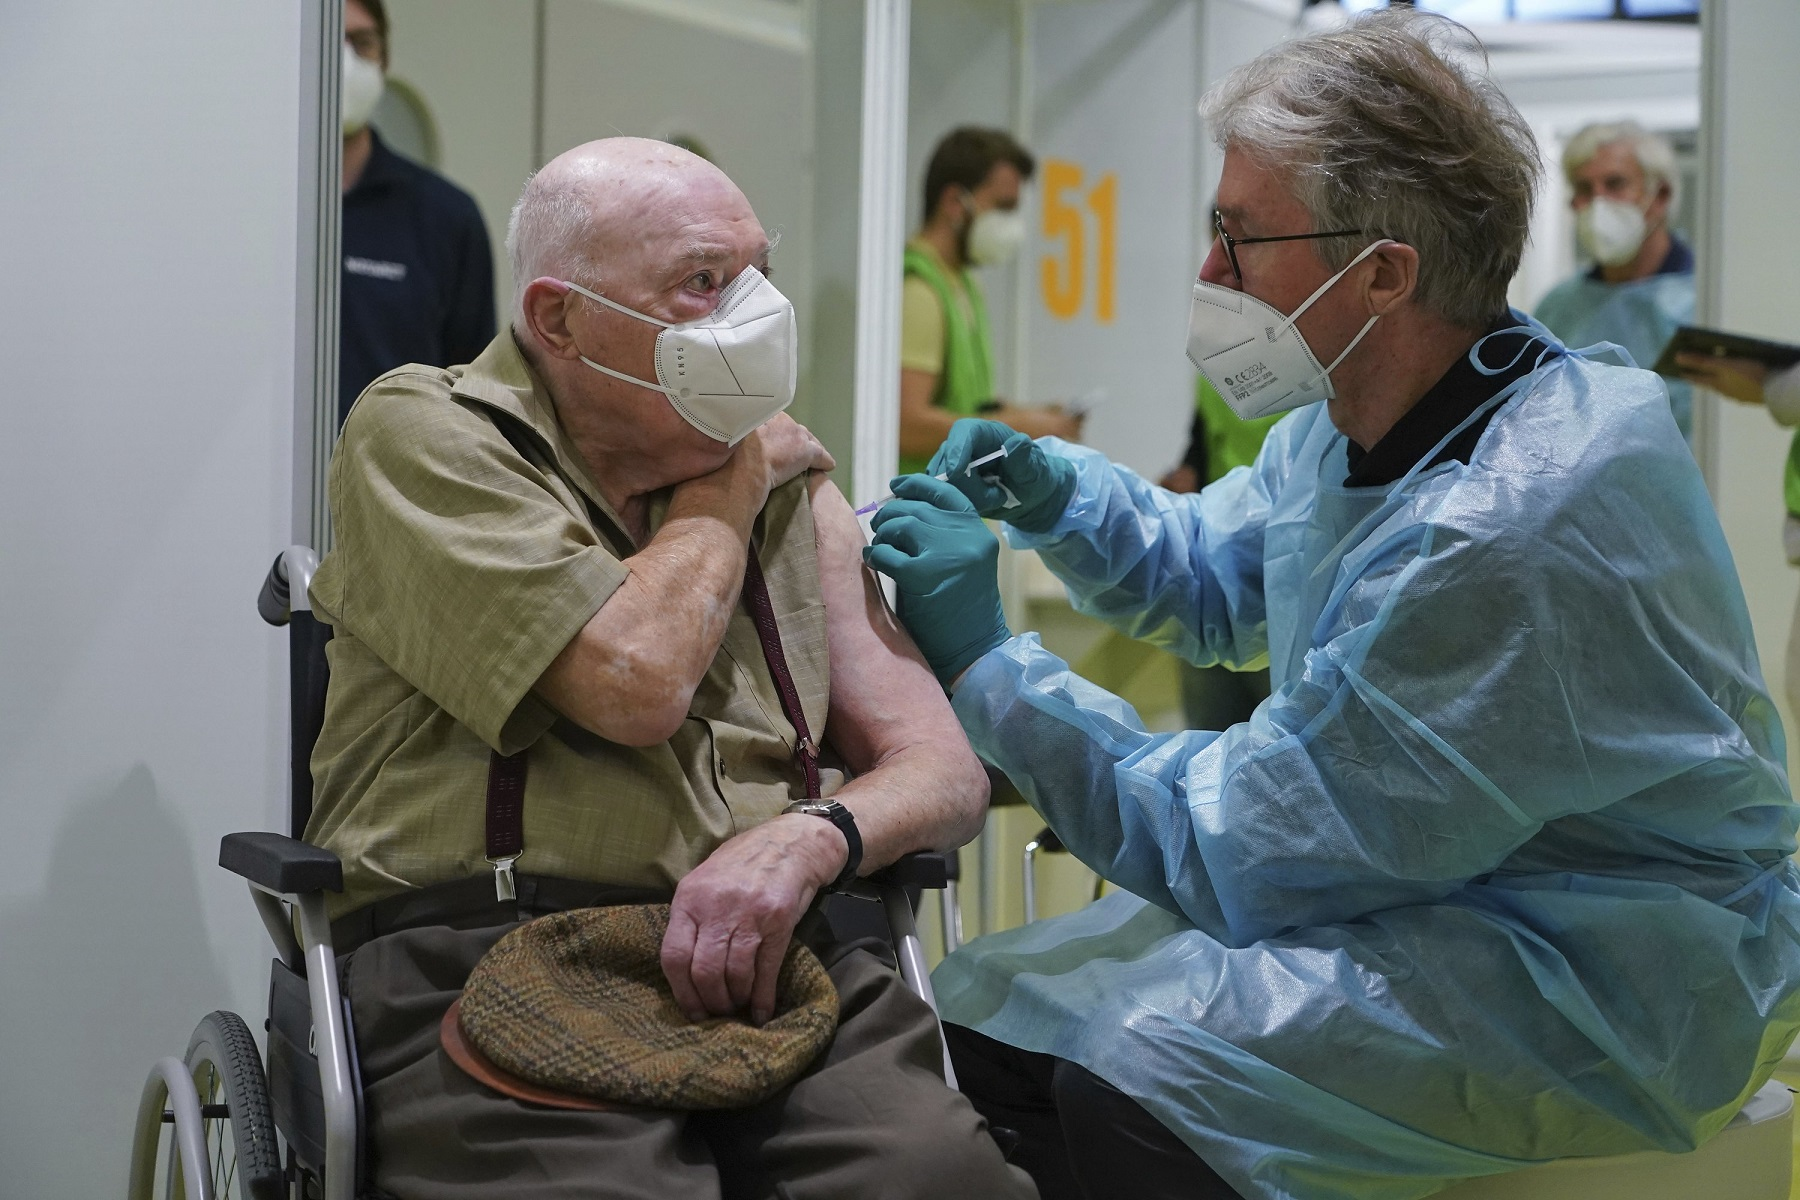 Γενικός Χειρουργός: Οι ΗΠΑ θα «παρακολουθούν» εάν οι εξαιρέσεις από εμβόλια χρησιμοποιούνται σωστά